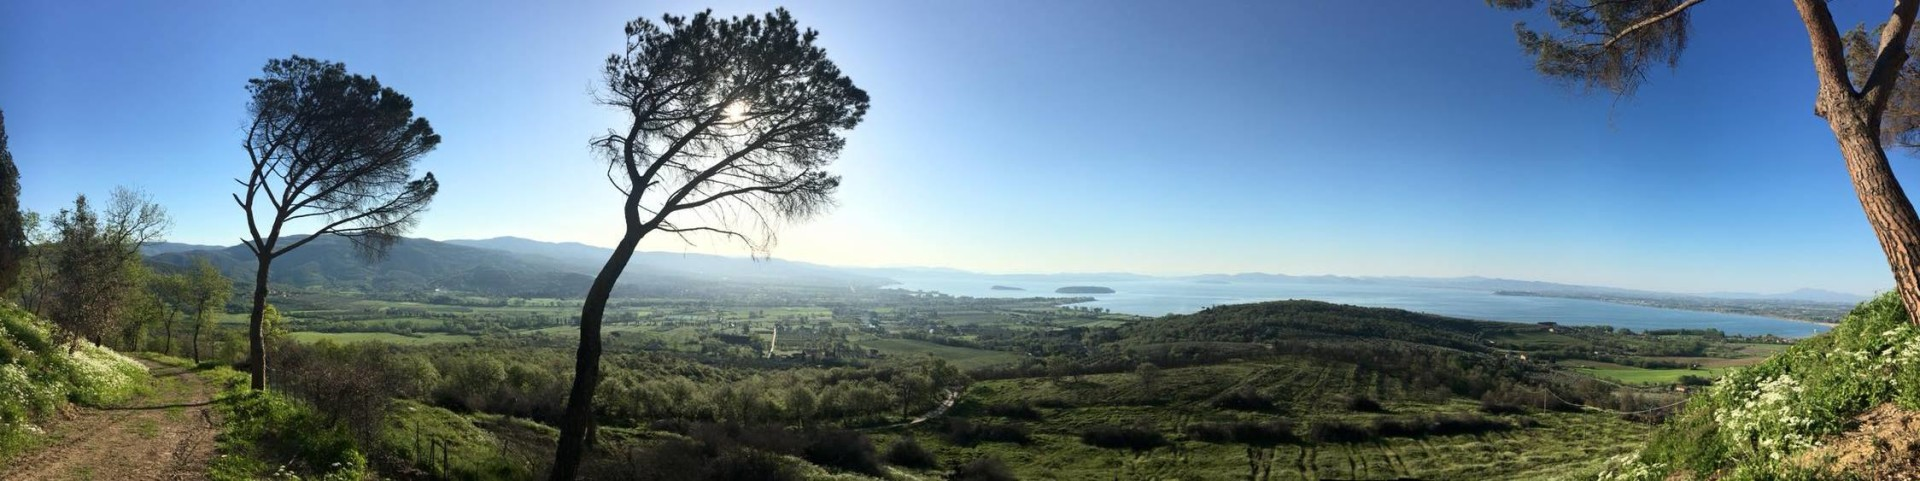 Lago Trasimeno, pohled z kopce Montegualandro